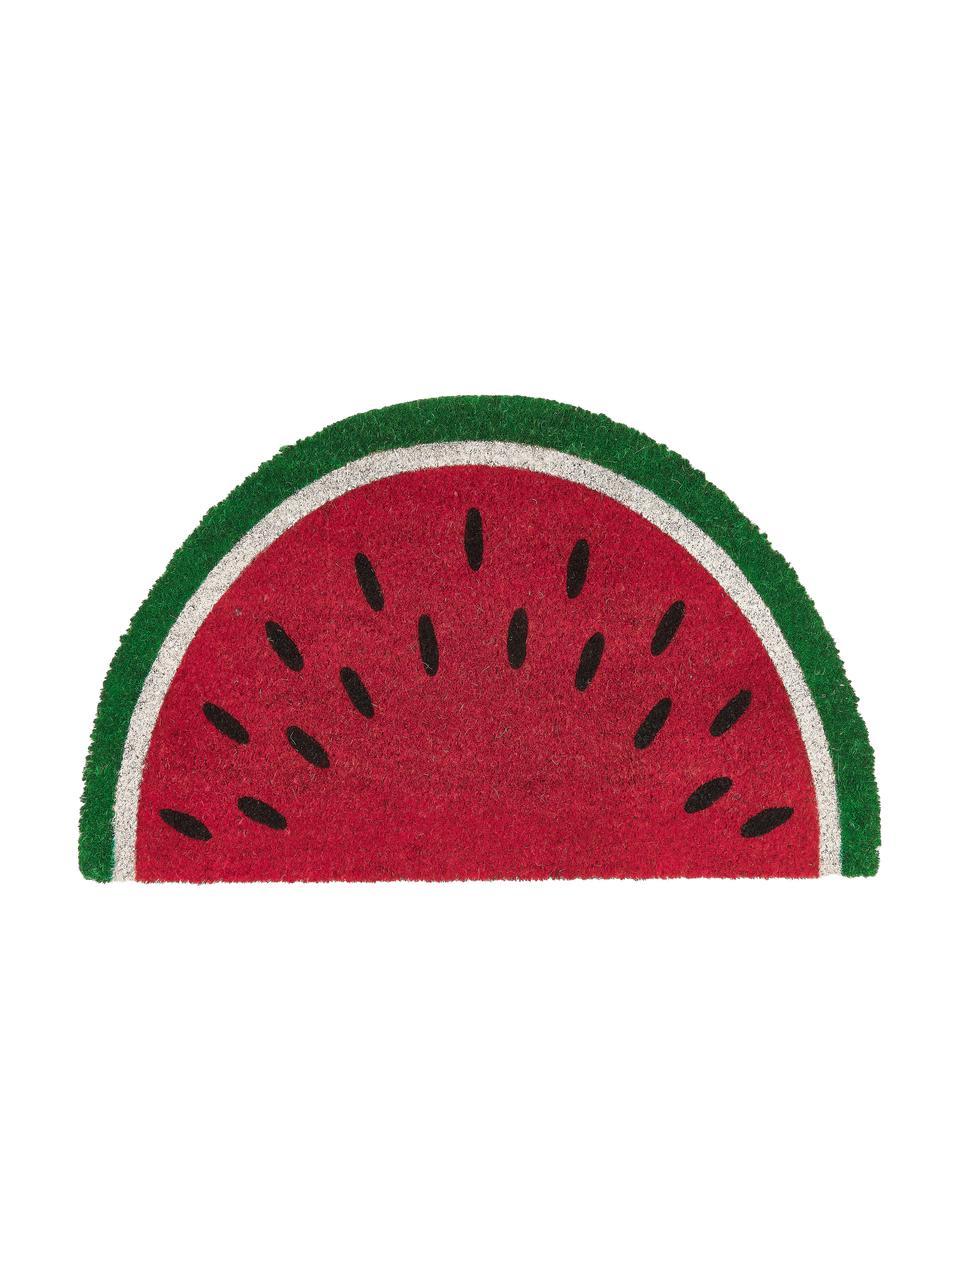 Zerbino in cocco a forma di anguria Watermelon, Retro: materiale sintetico (PVC), Rosso, verde, bianco, nero, Larg. 43 x Lung. 71 cm